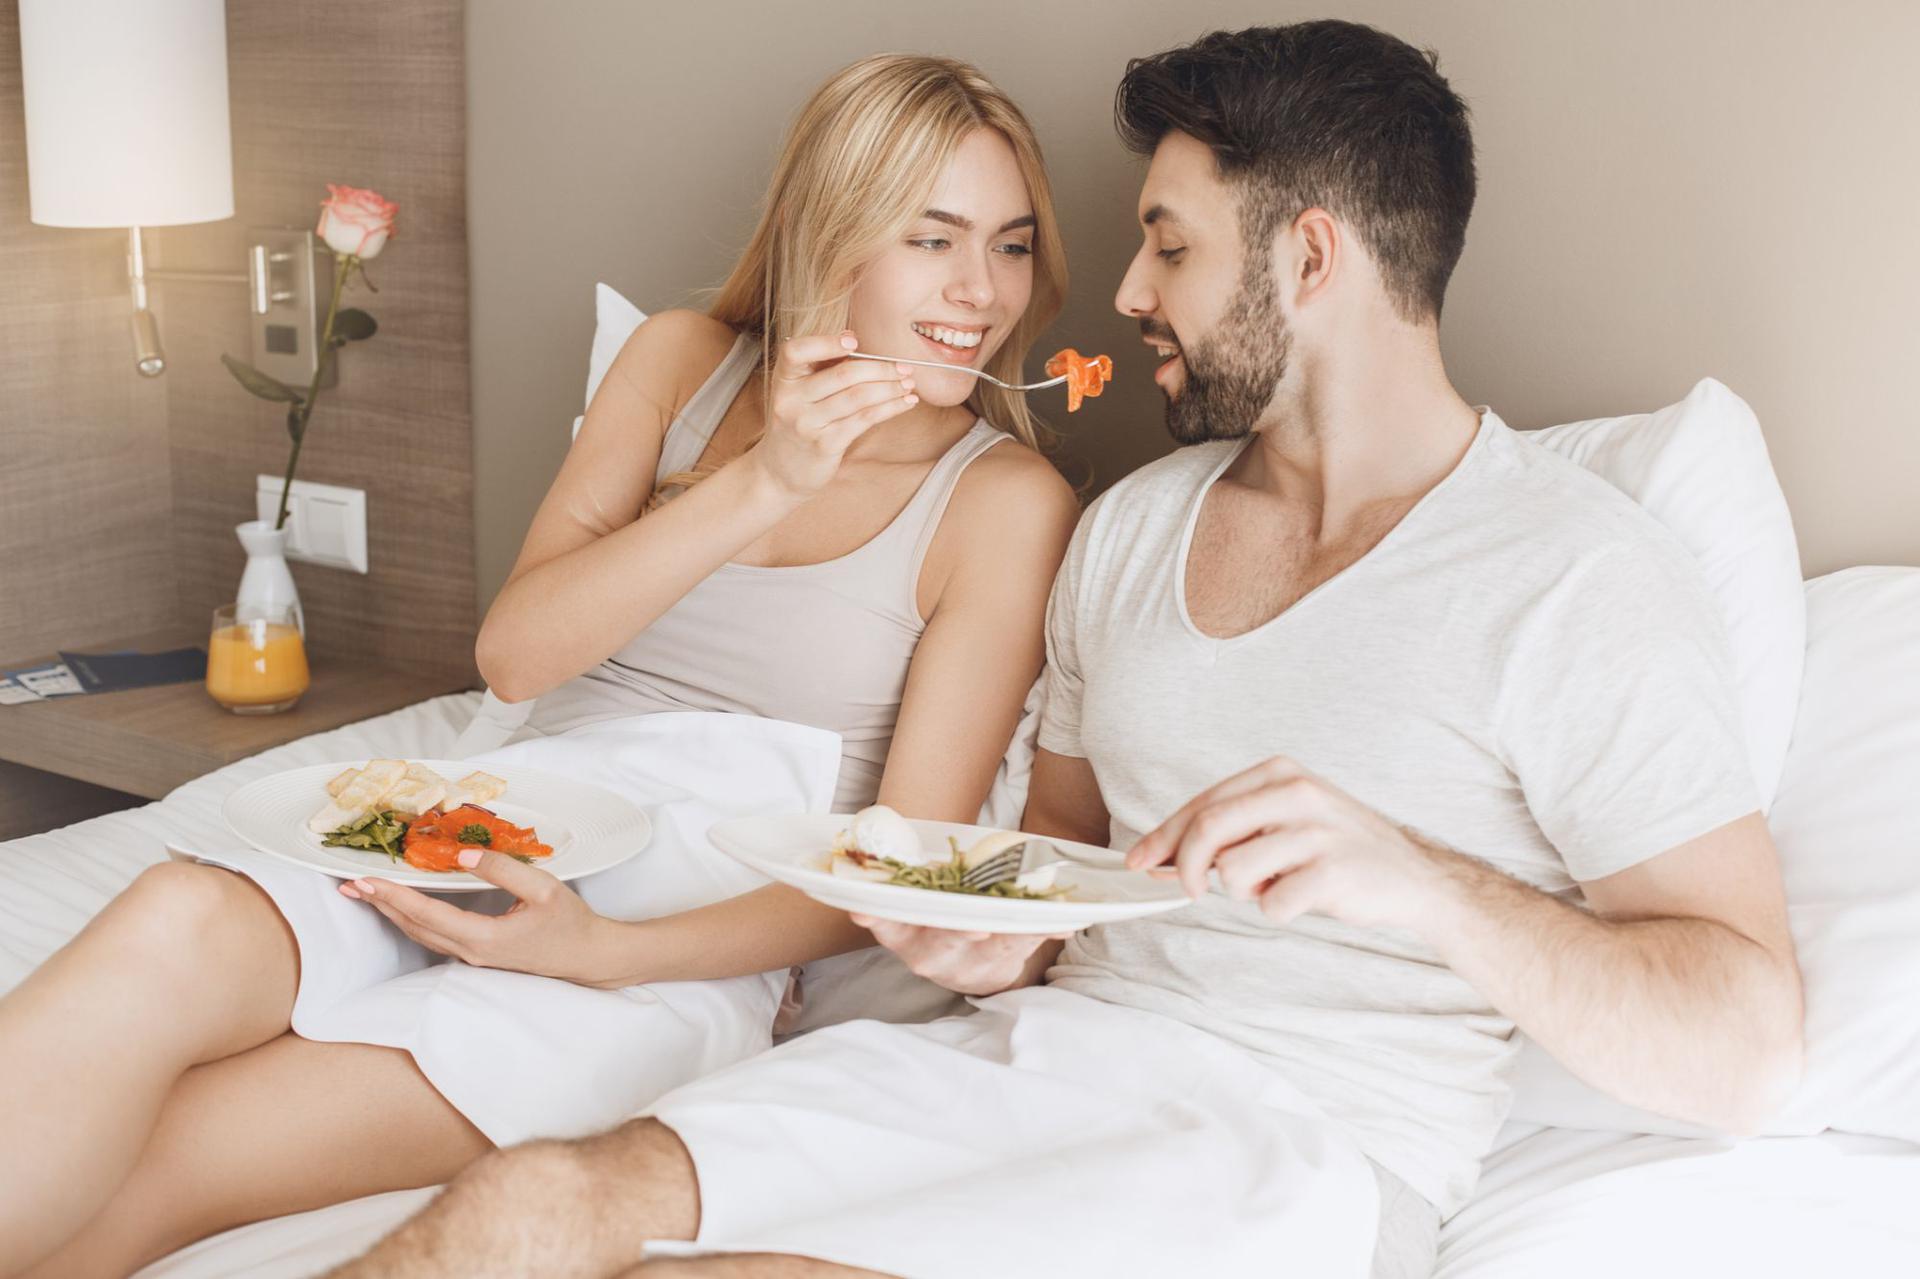 nagie nastolatki seks analny